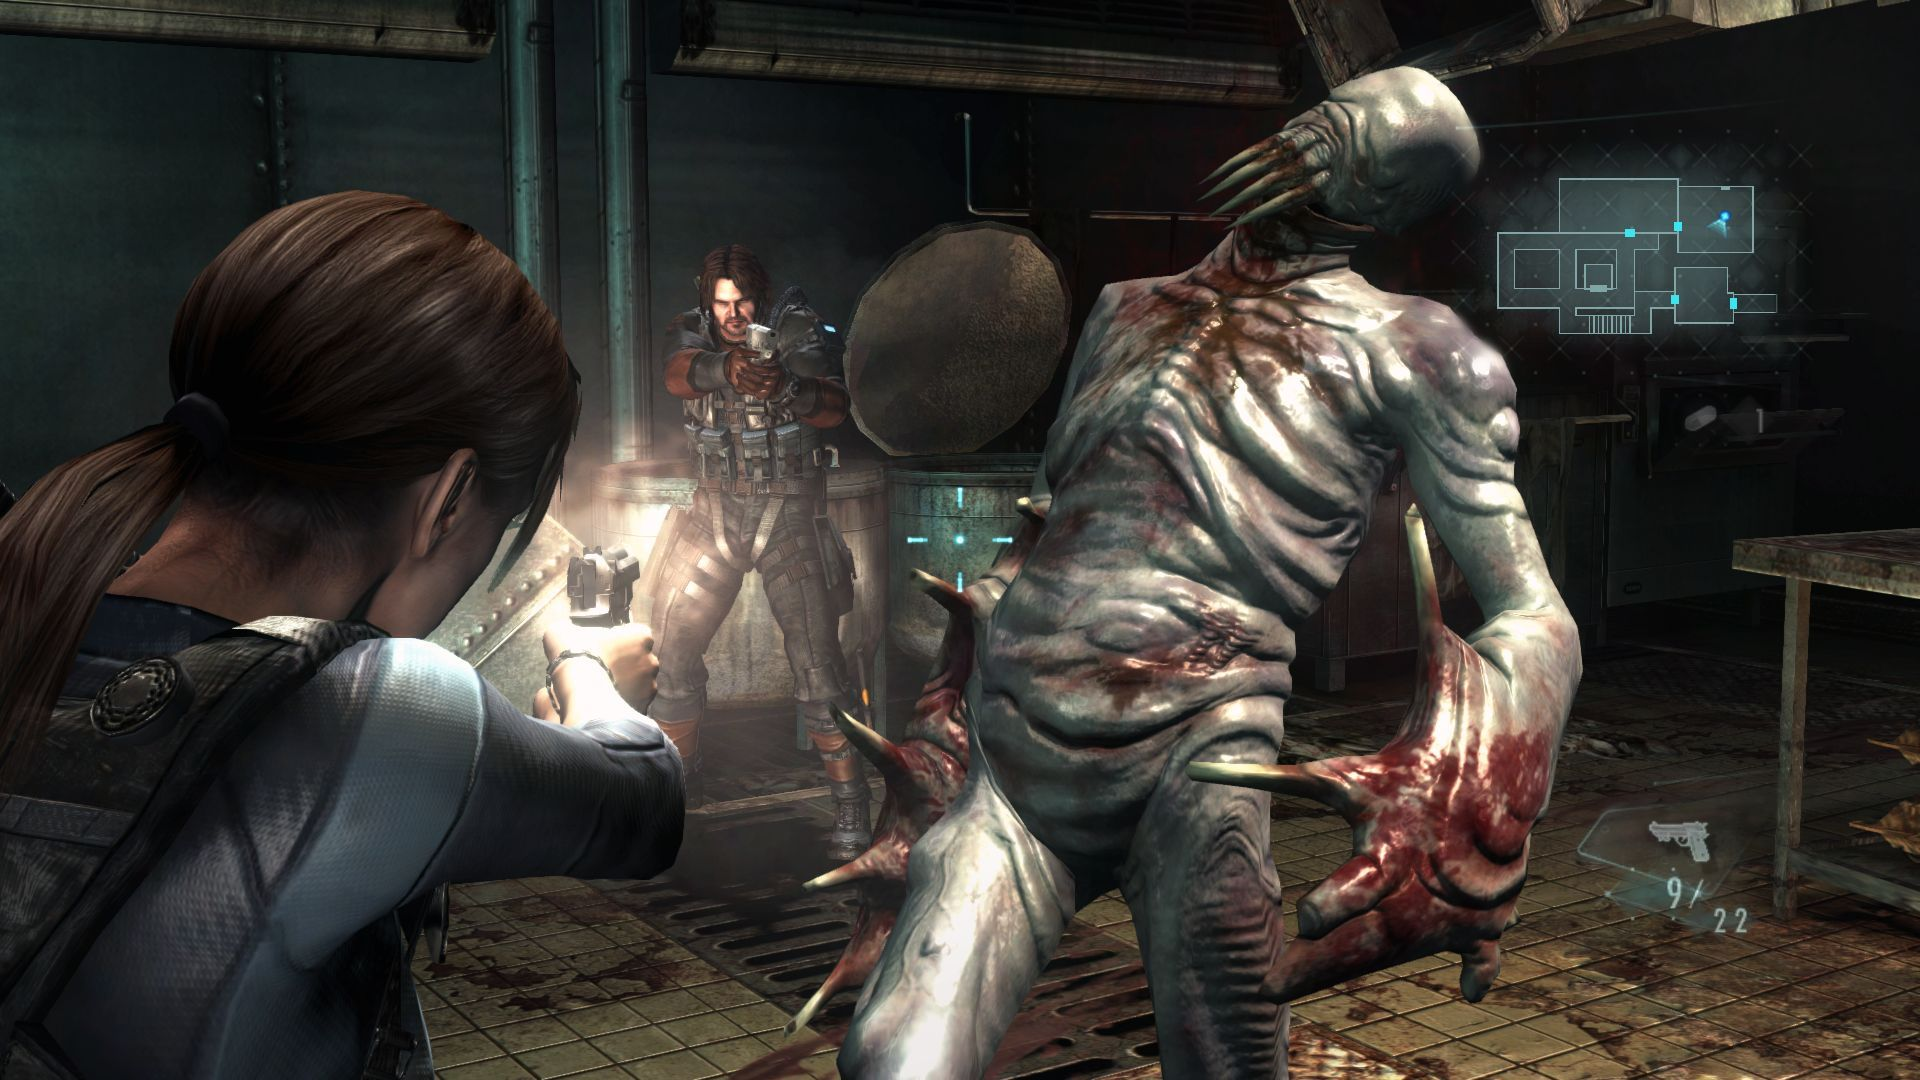 Resident Evil Revelations boss